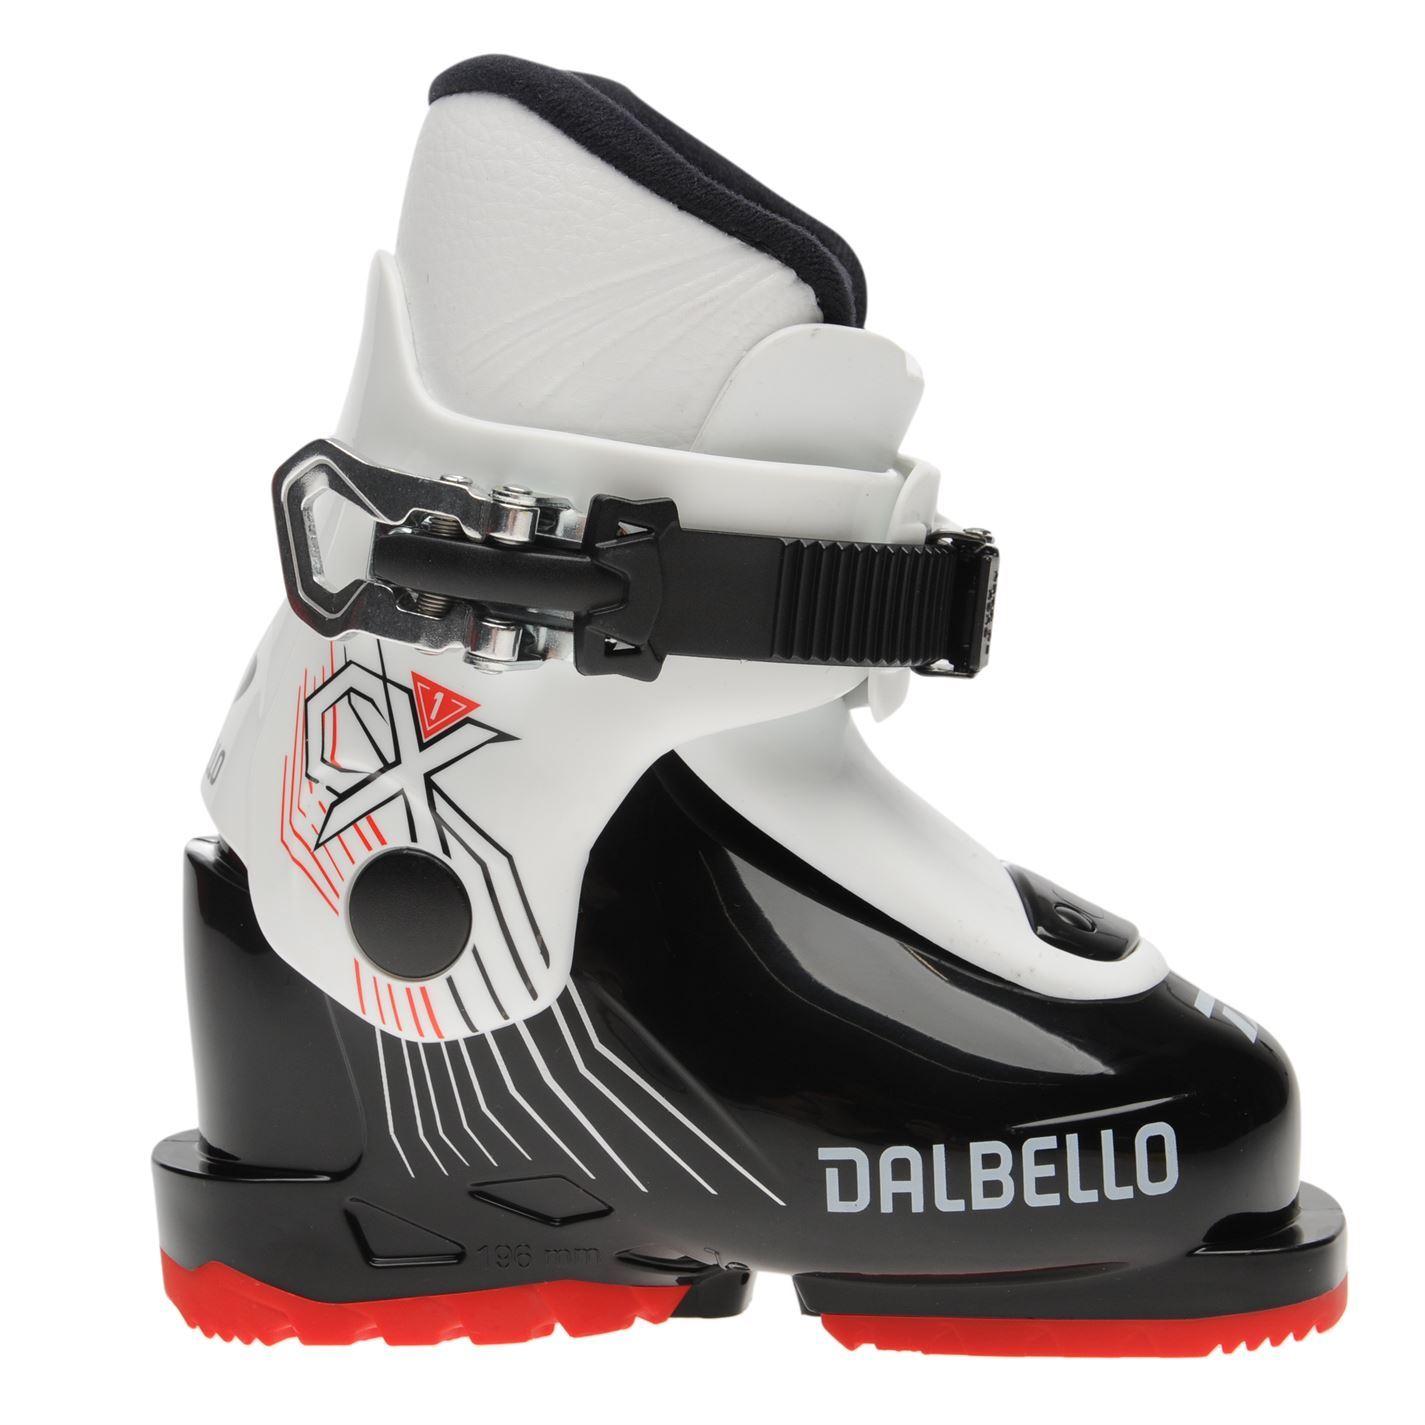 DALBELLO DALBELLO DALBELLO CX1 YOUNGSTER Scarponi da sci per bambini Fibbia 9f5c60